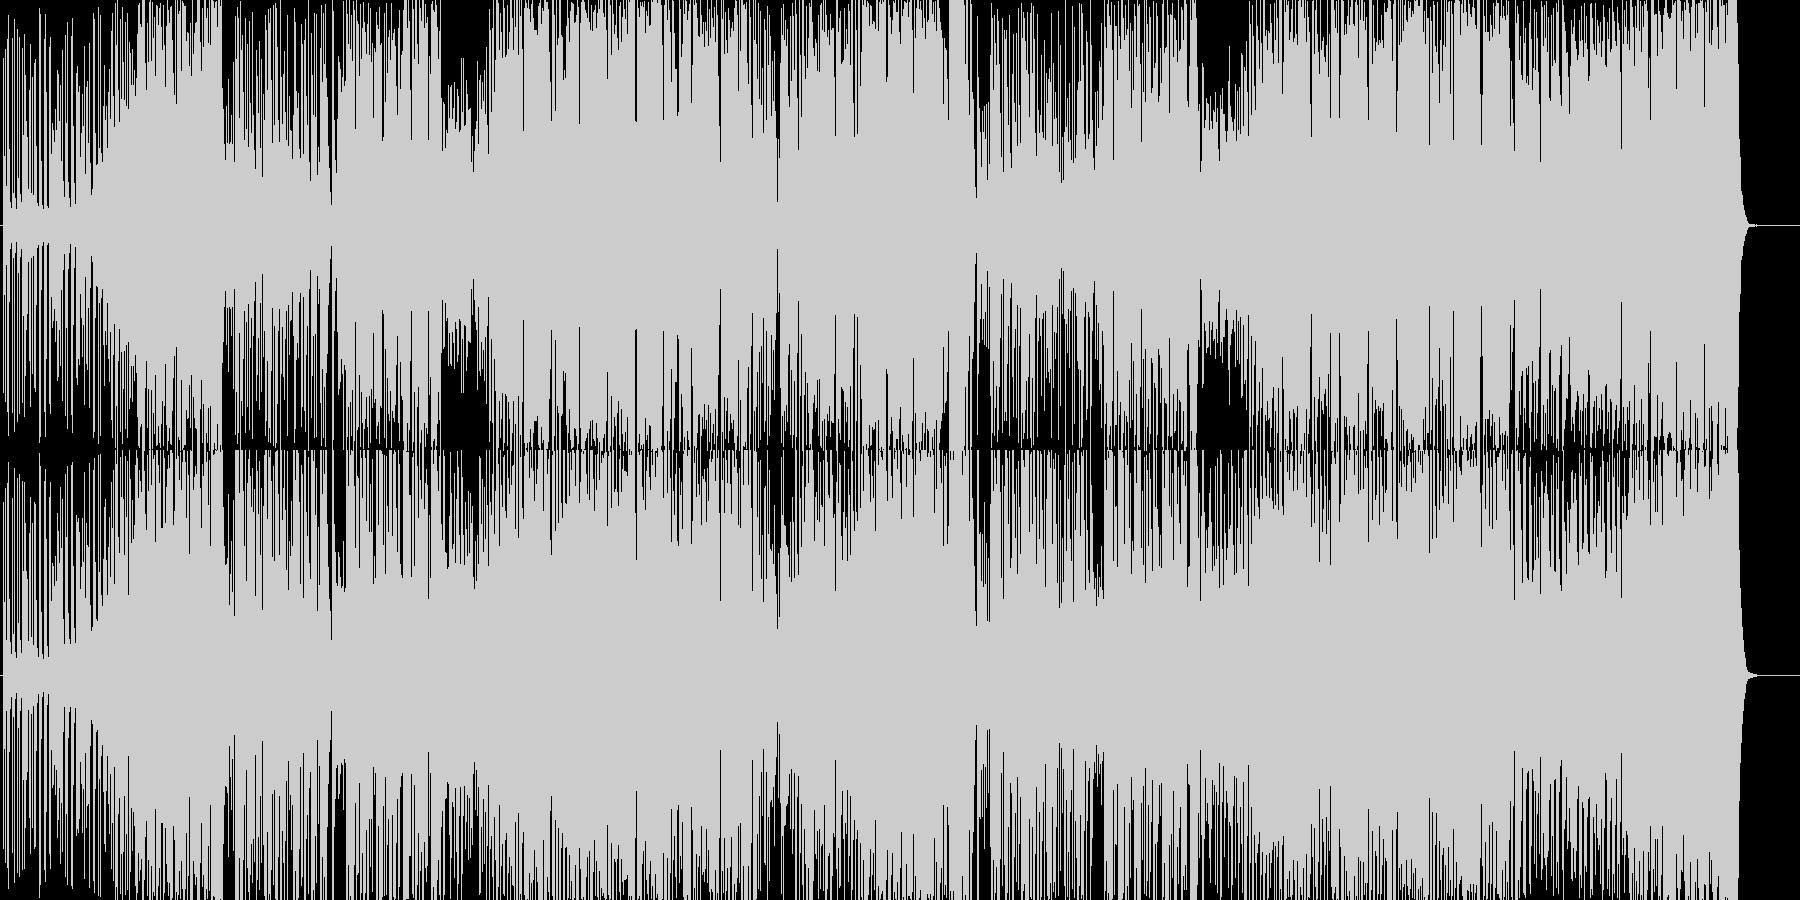 雄気堂々の未再生の波形